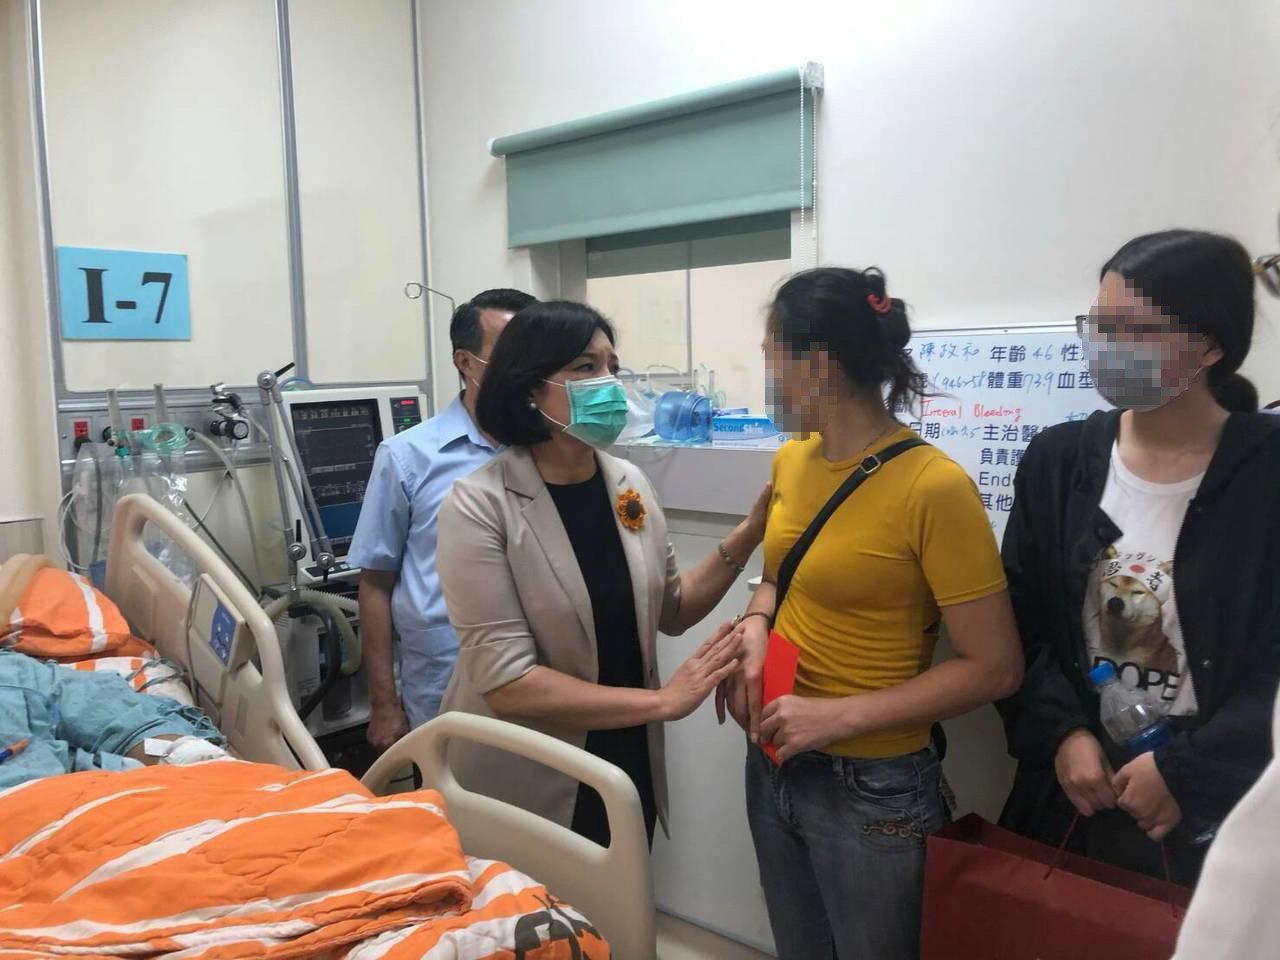 雲林縣長張麗善趕到醫院探望受傷員警。記者蔡維斌/翻攝